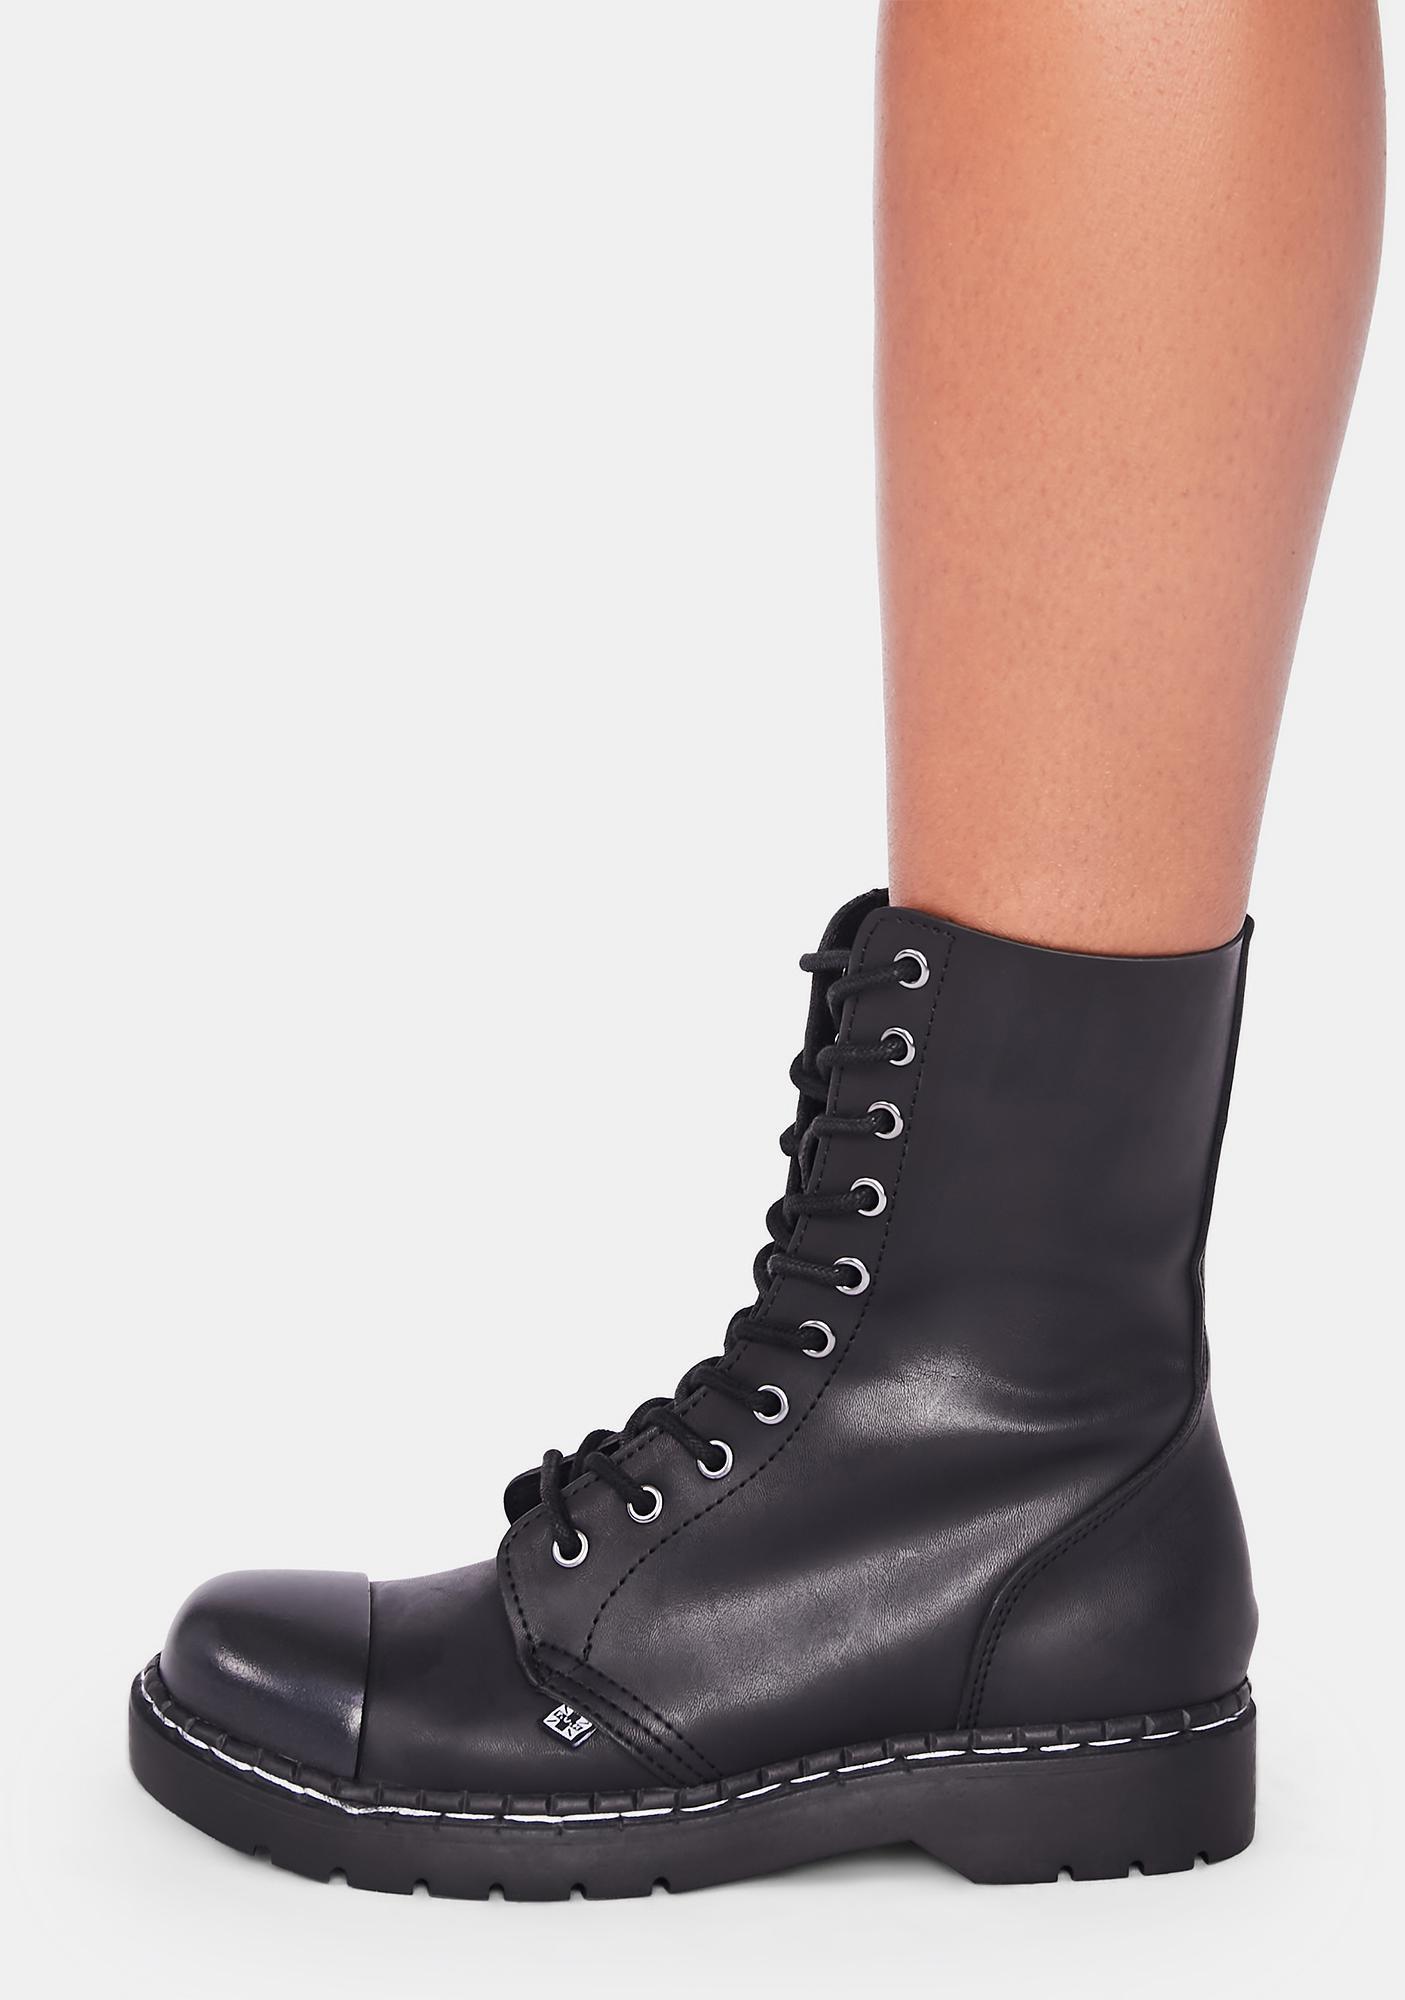 T.U.K. Black Matte Steel Cap 10-Eye Boot